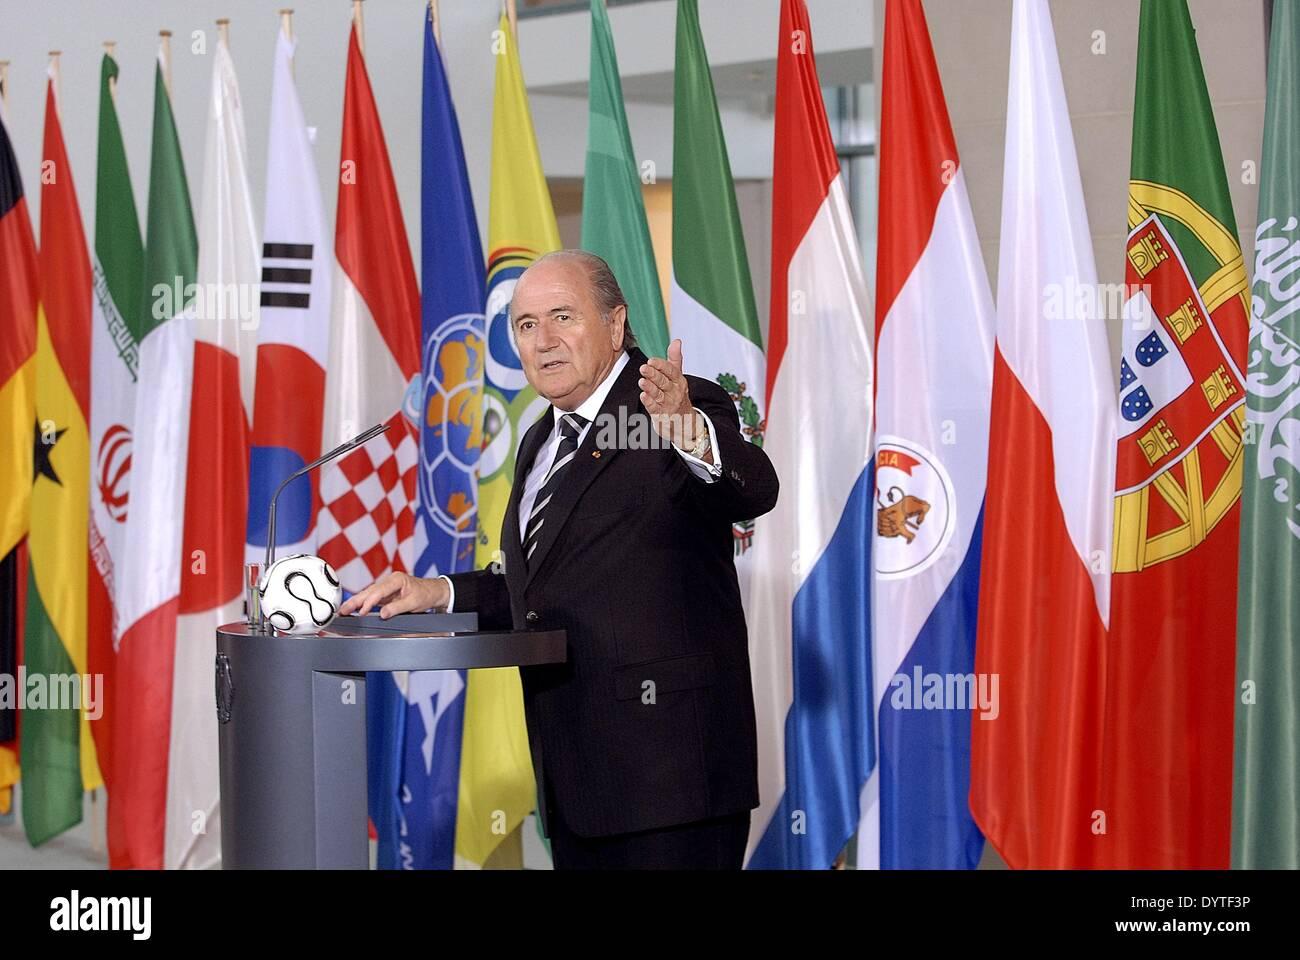 Joseph S. Blatter, 2006 - Stock Image